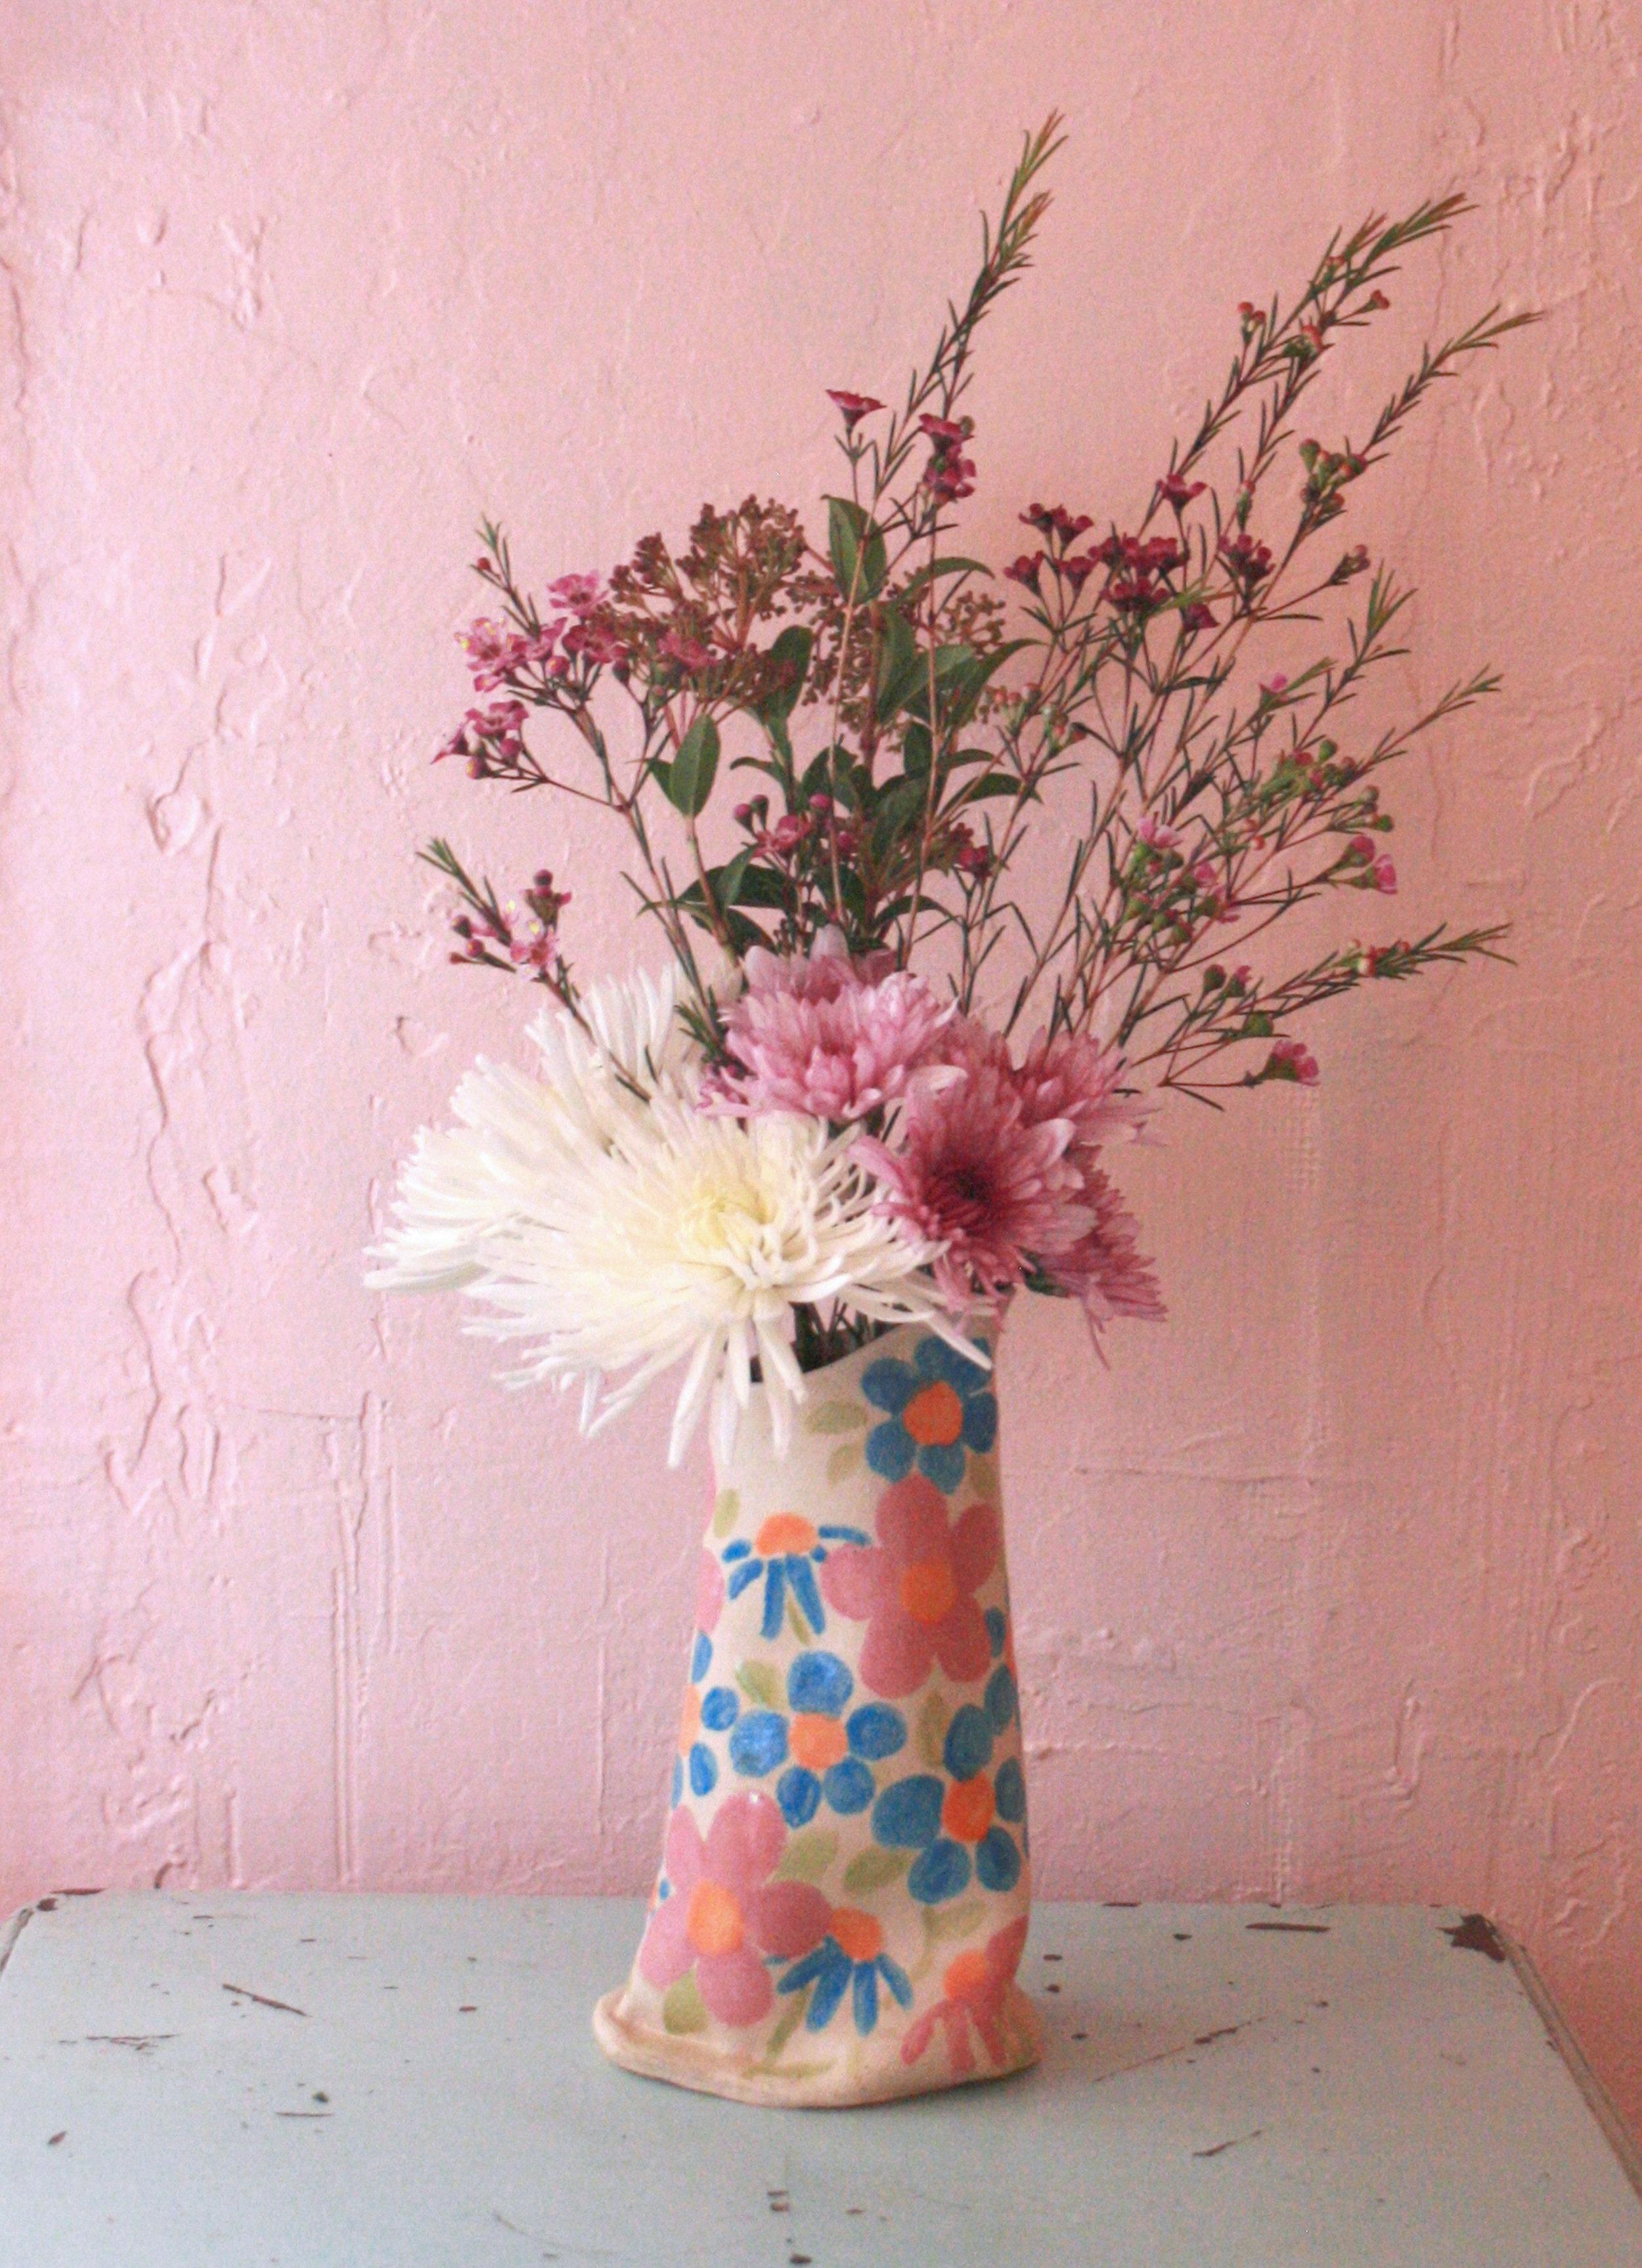 flowers1 copy.jpg